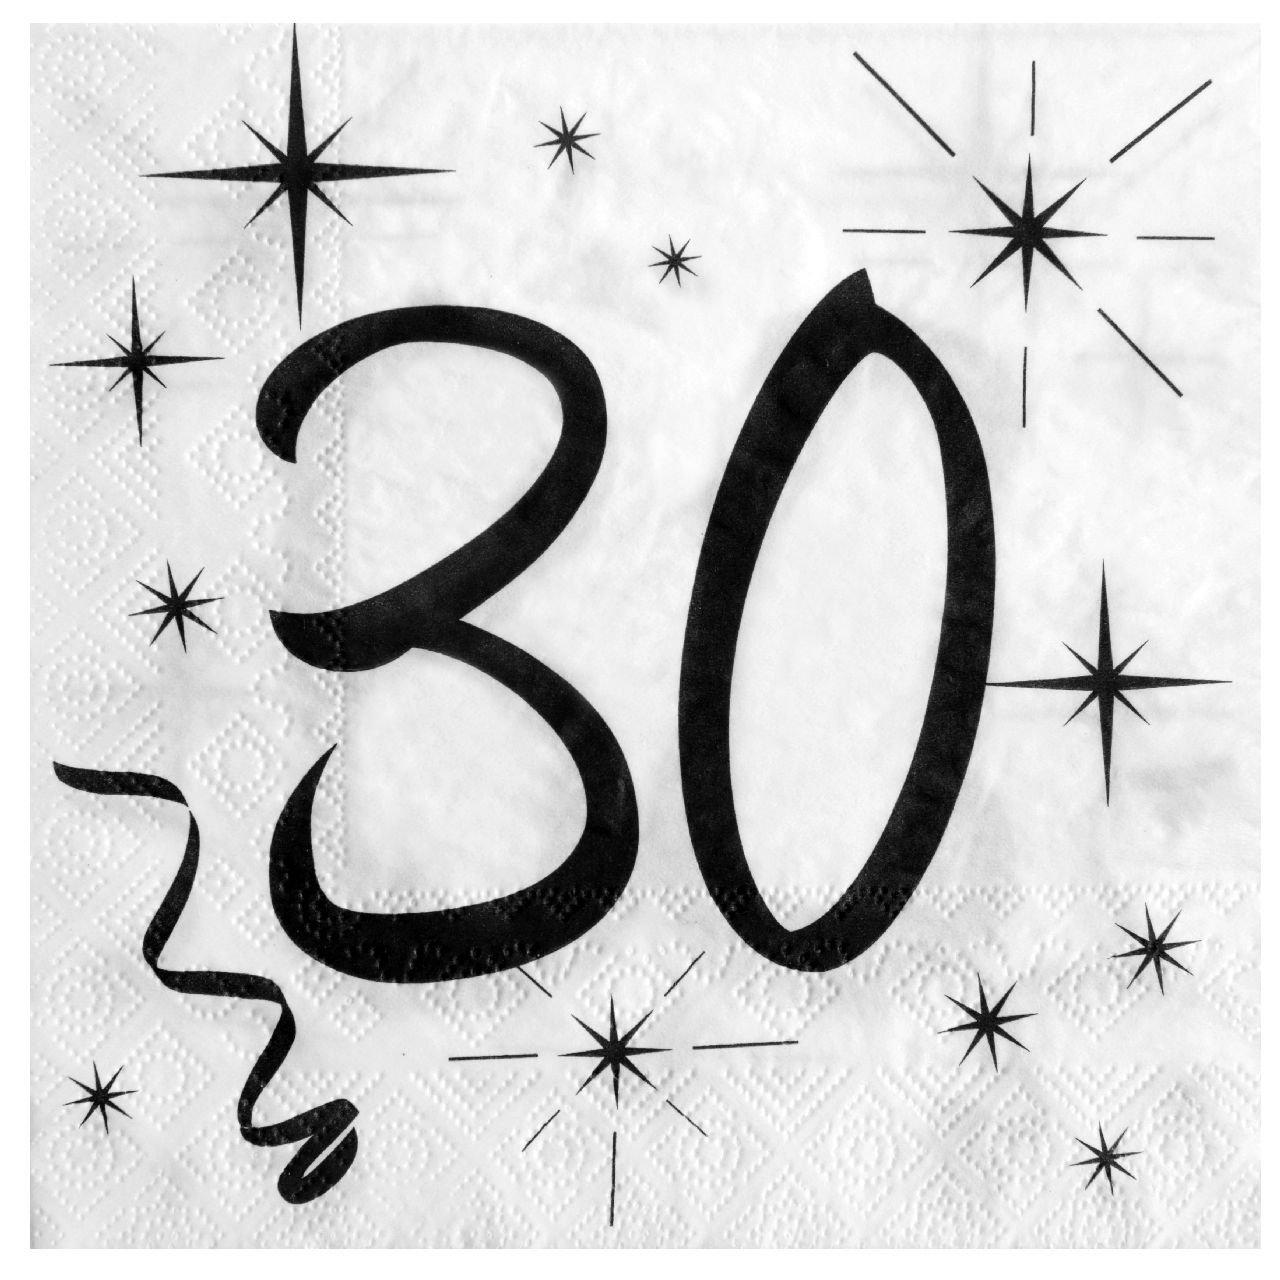 30. Geburtstag Servietten schwarz weiß